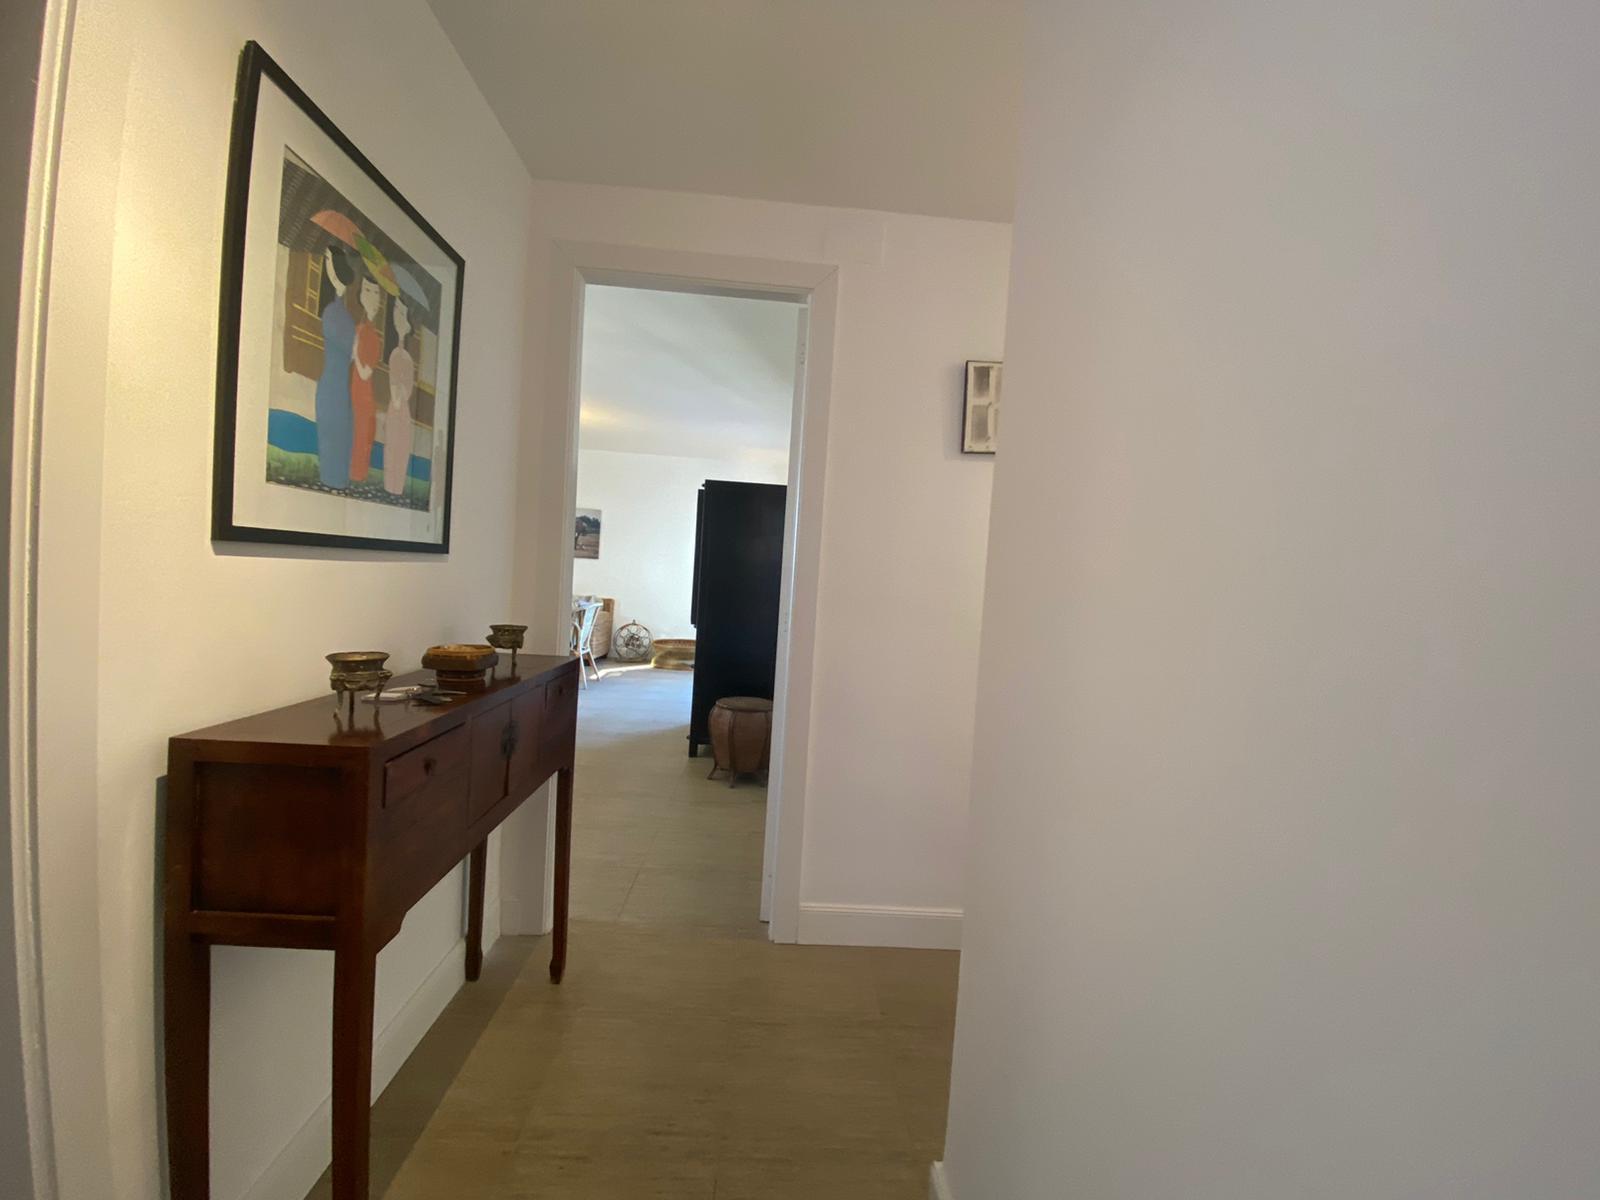 Imagen 14 del Apartamento Turístico, Ático 6 Levante (3d+2b), Punta del Moral (HUELVA), Paseo de la Cruz nº22